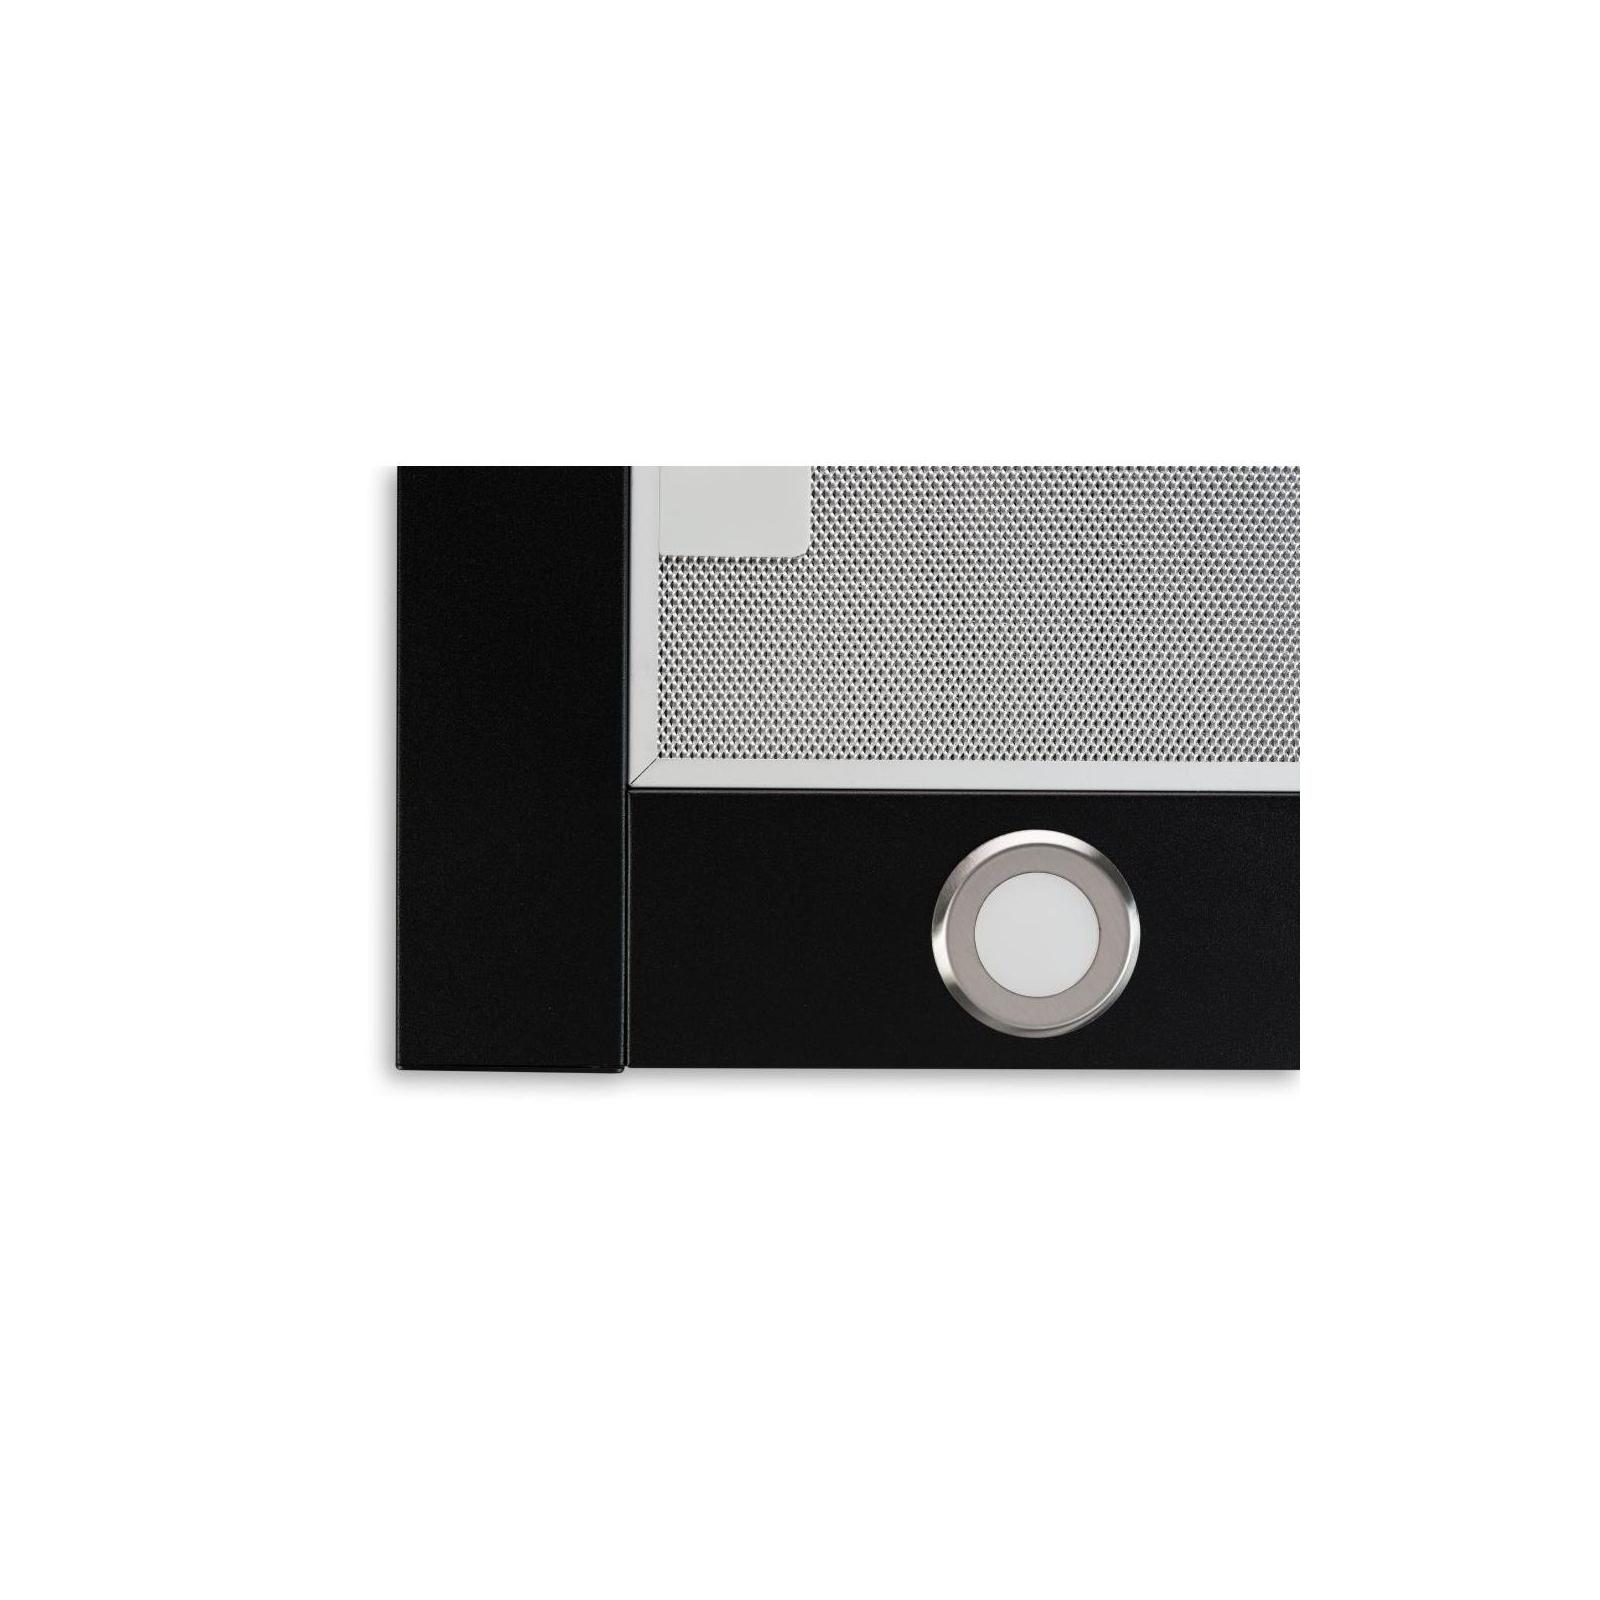 Вытяжка кухонная MINOLA HTL 6062 I/BL GLASS 450 LED изображение 7